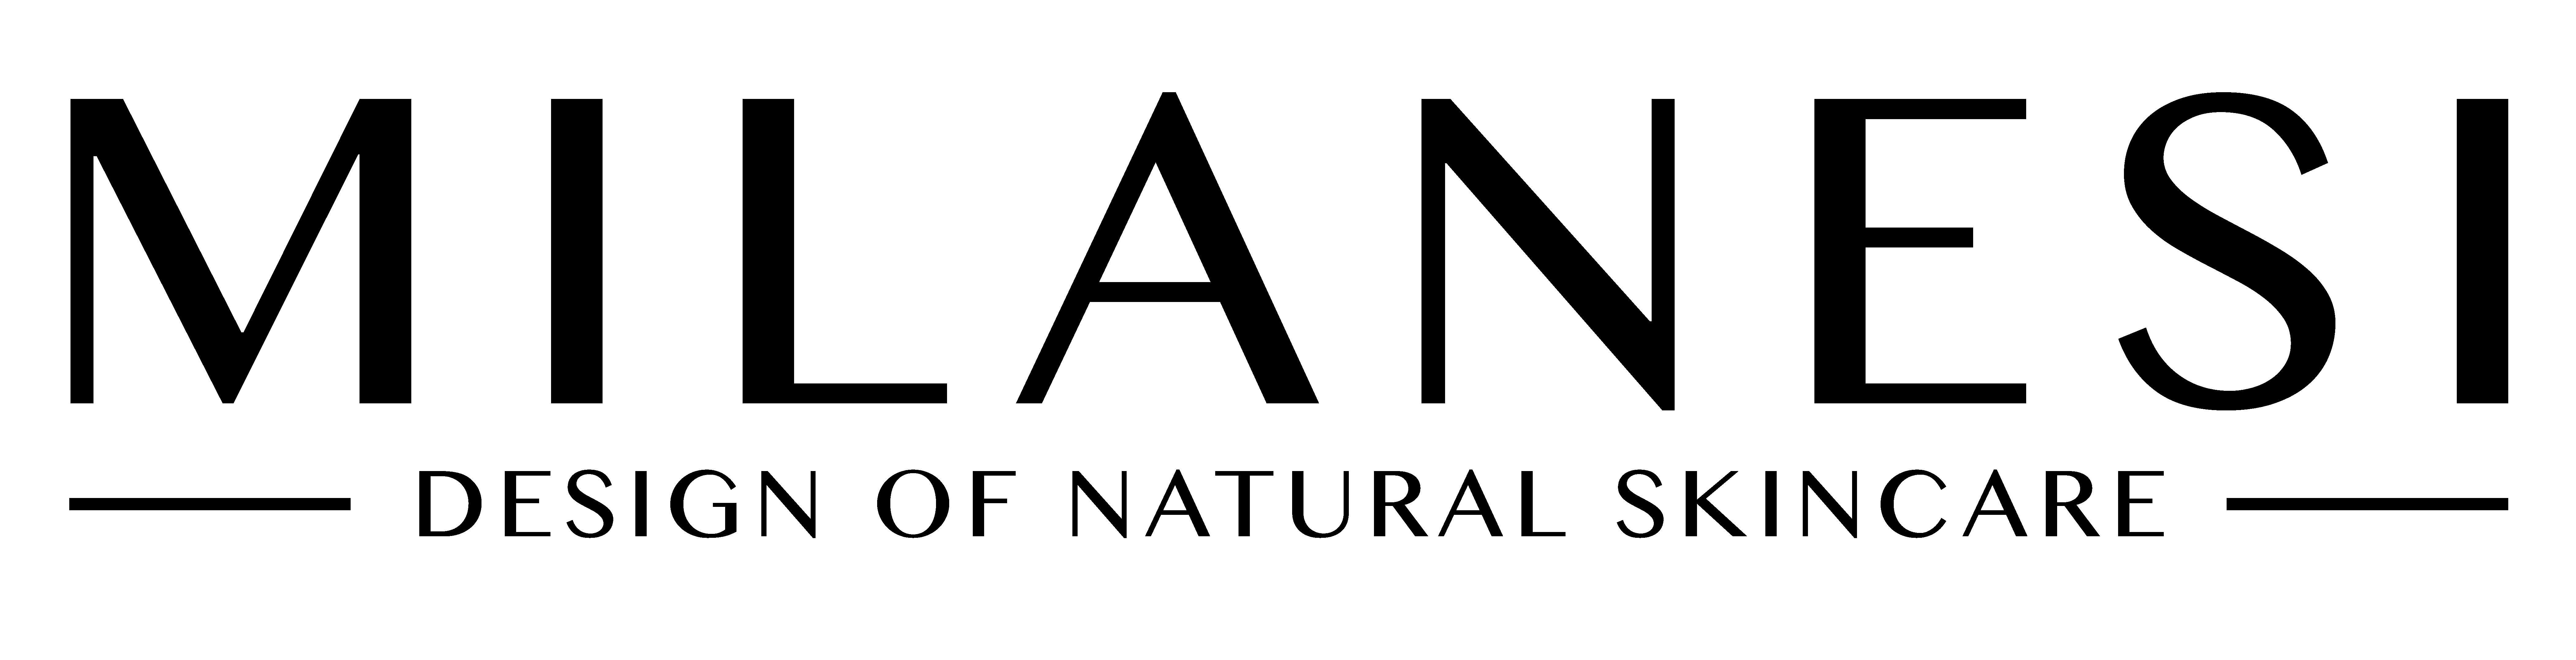 Milanesi